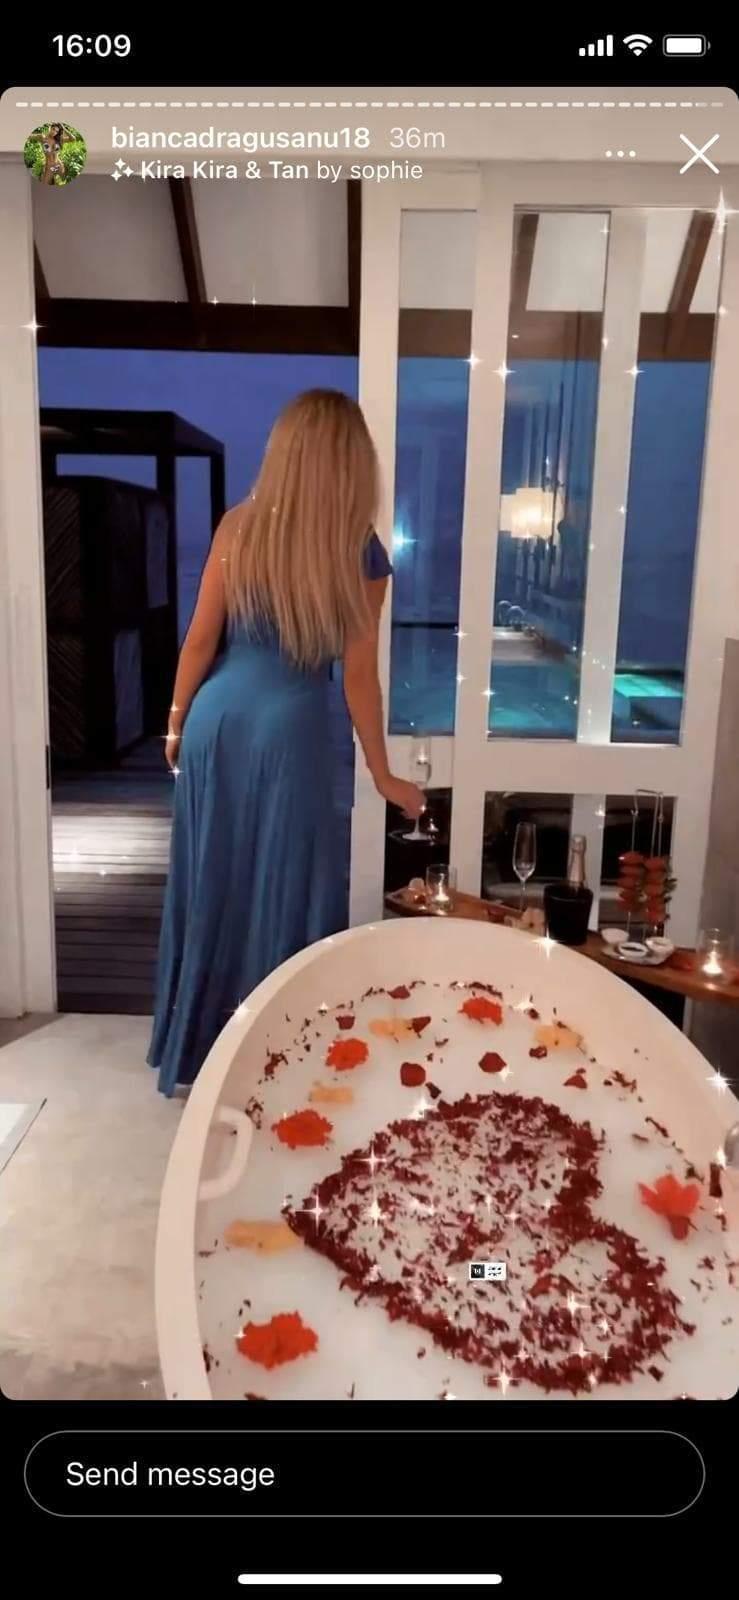 bianca dragusanu in rochie langa cada plină cu flori